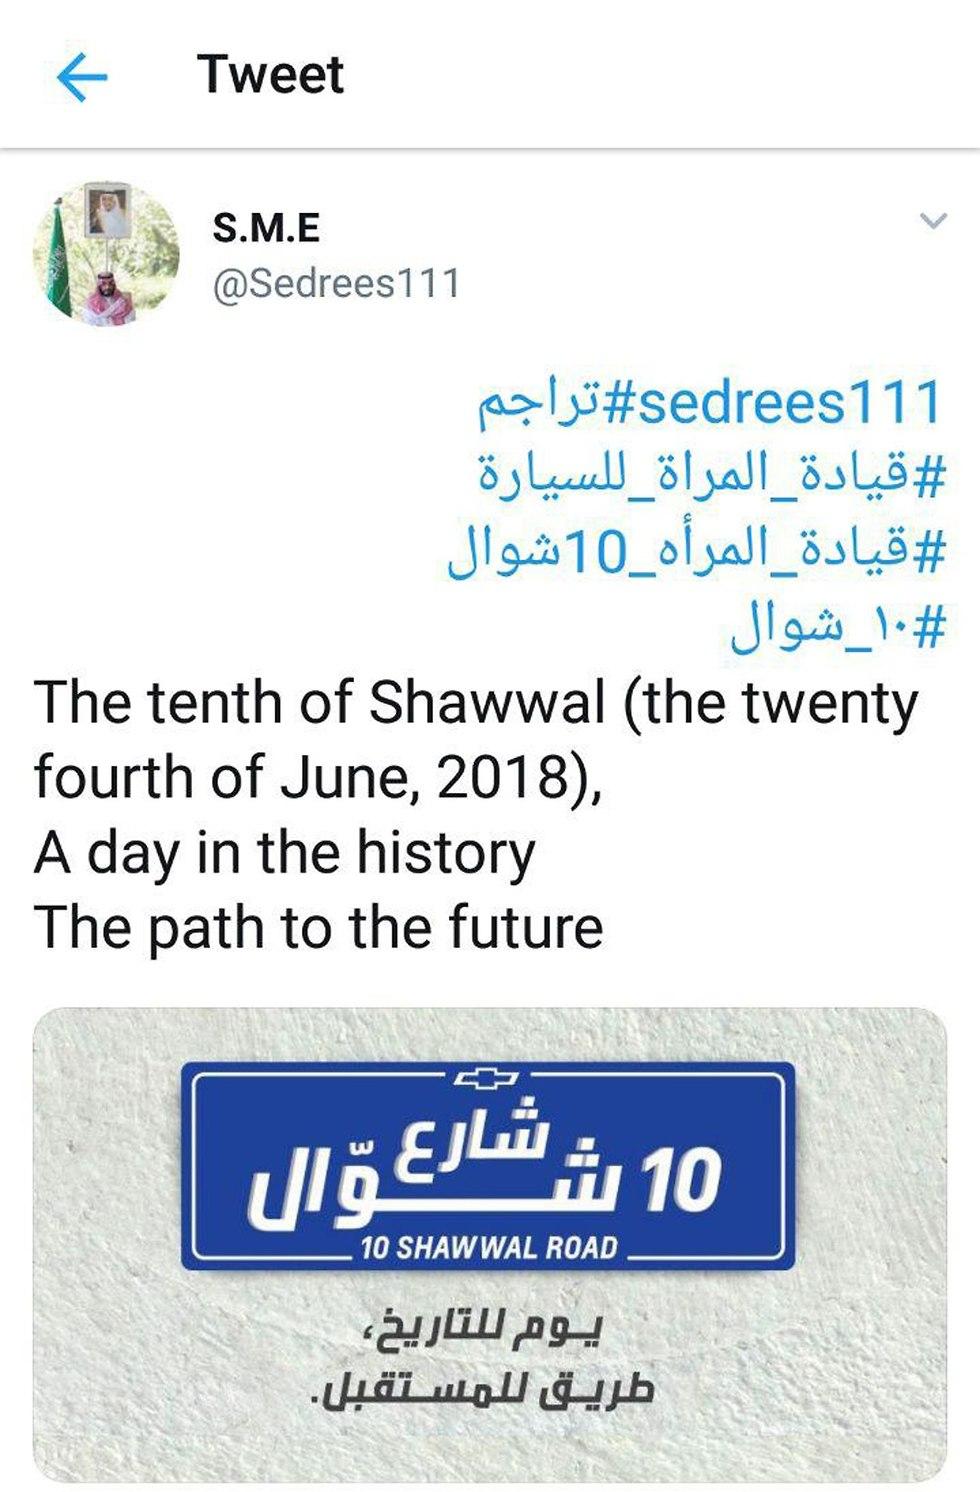 שלט רחוב שמעודד את אזרחי סעודיה לצאת לחגוג ברחובות ()